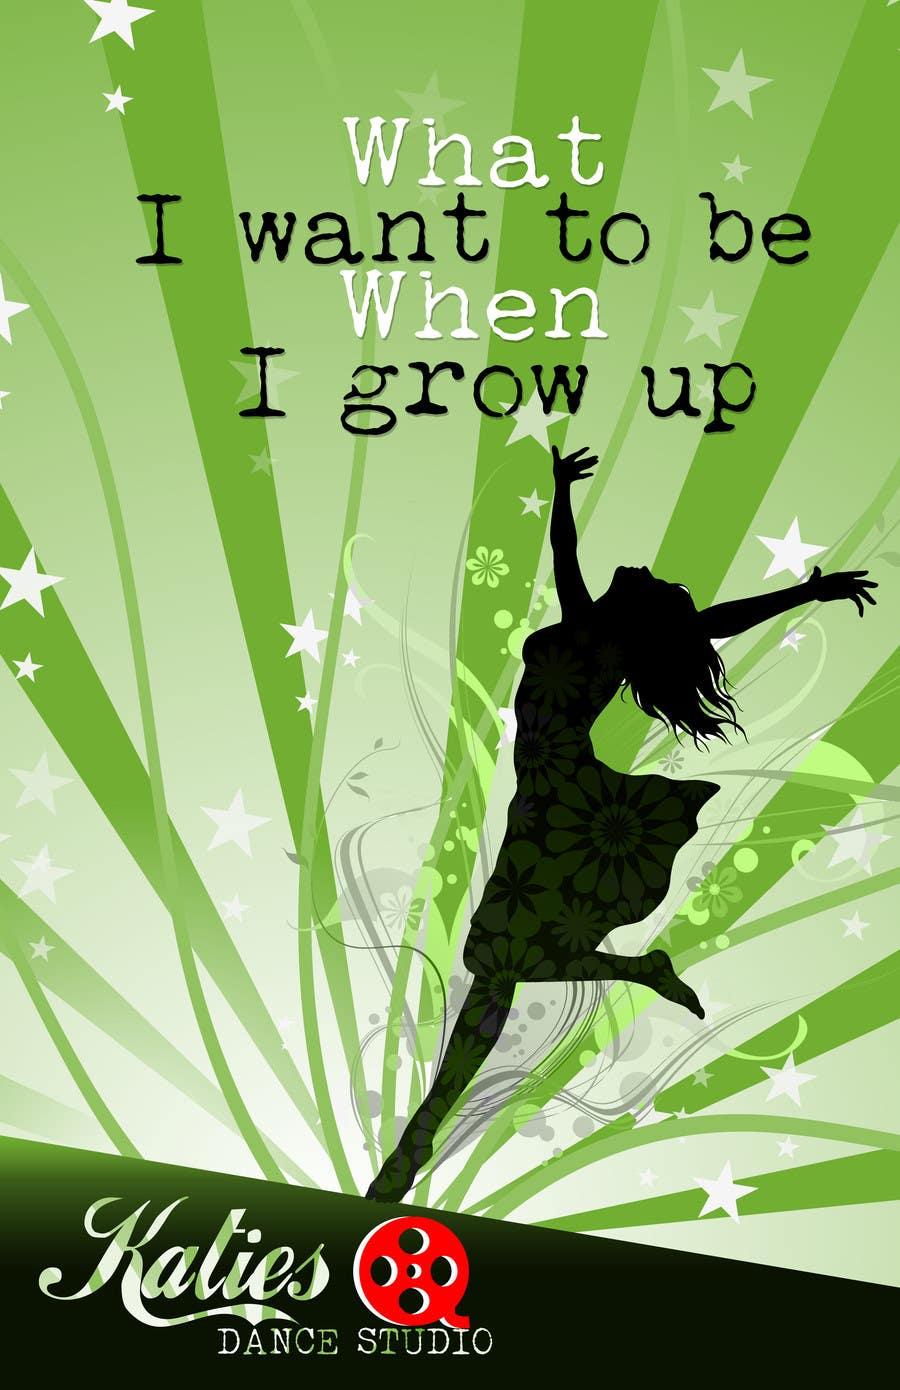 Konkurrenceindlæg #17 for Dance Studio Poster